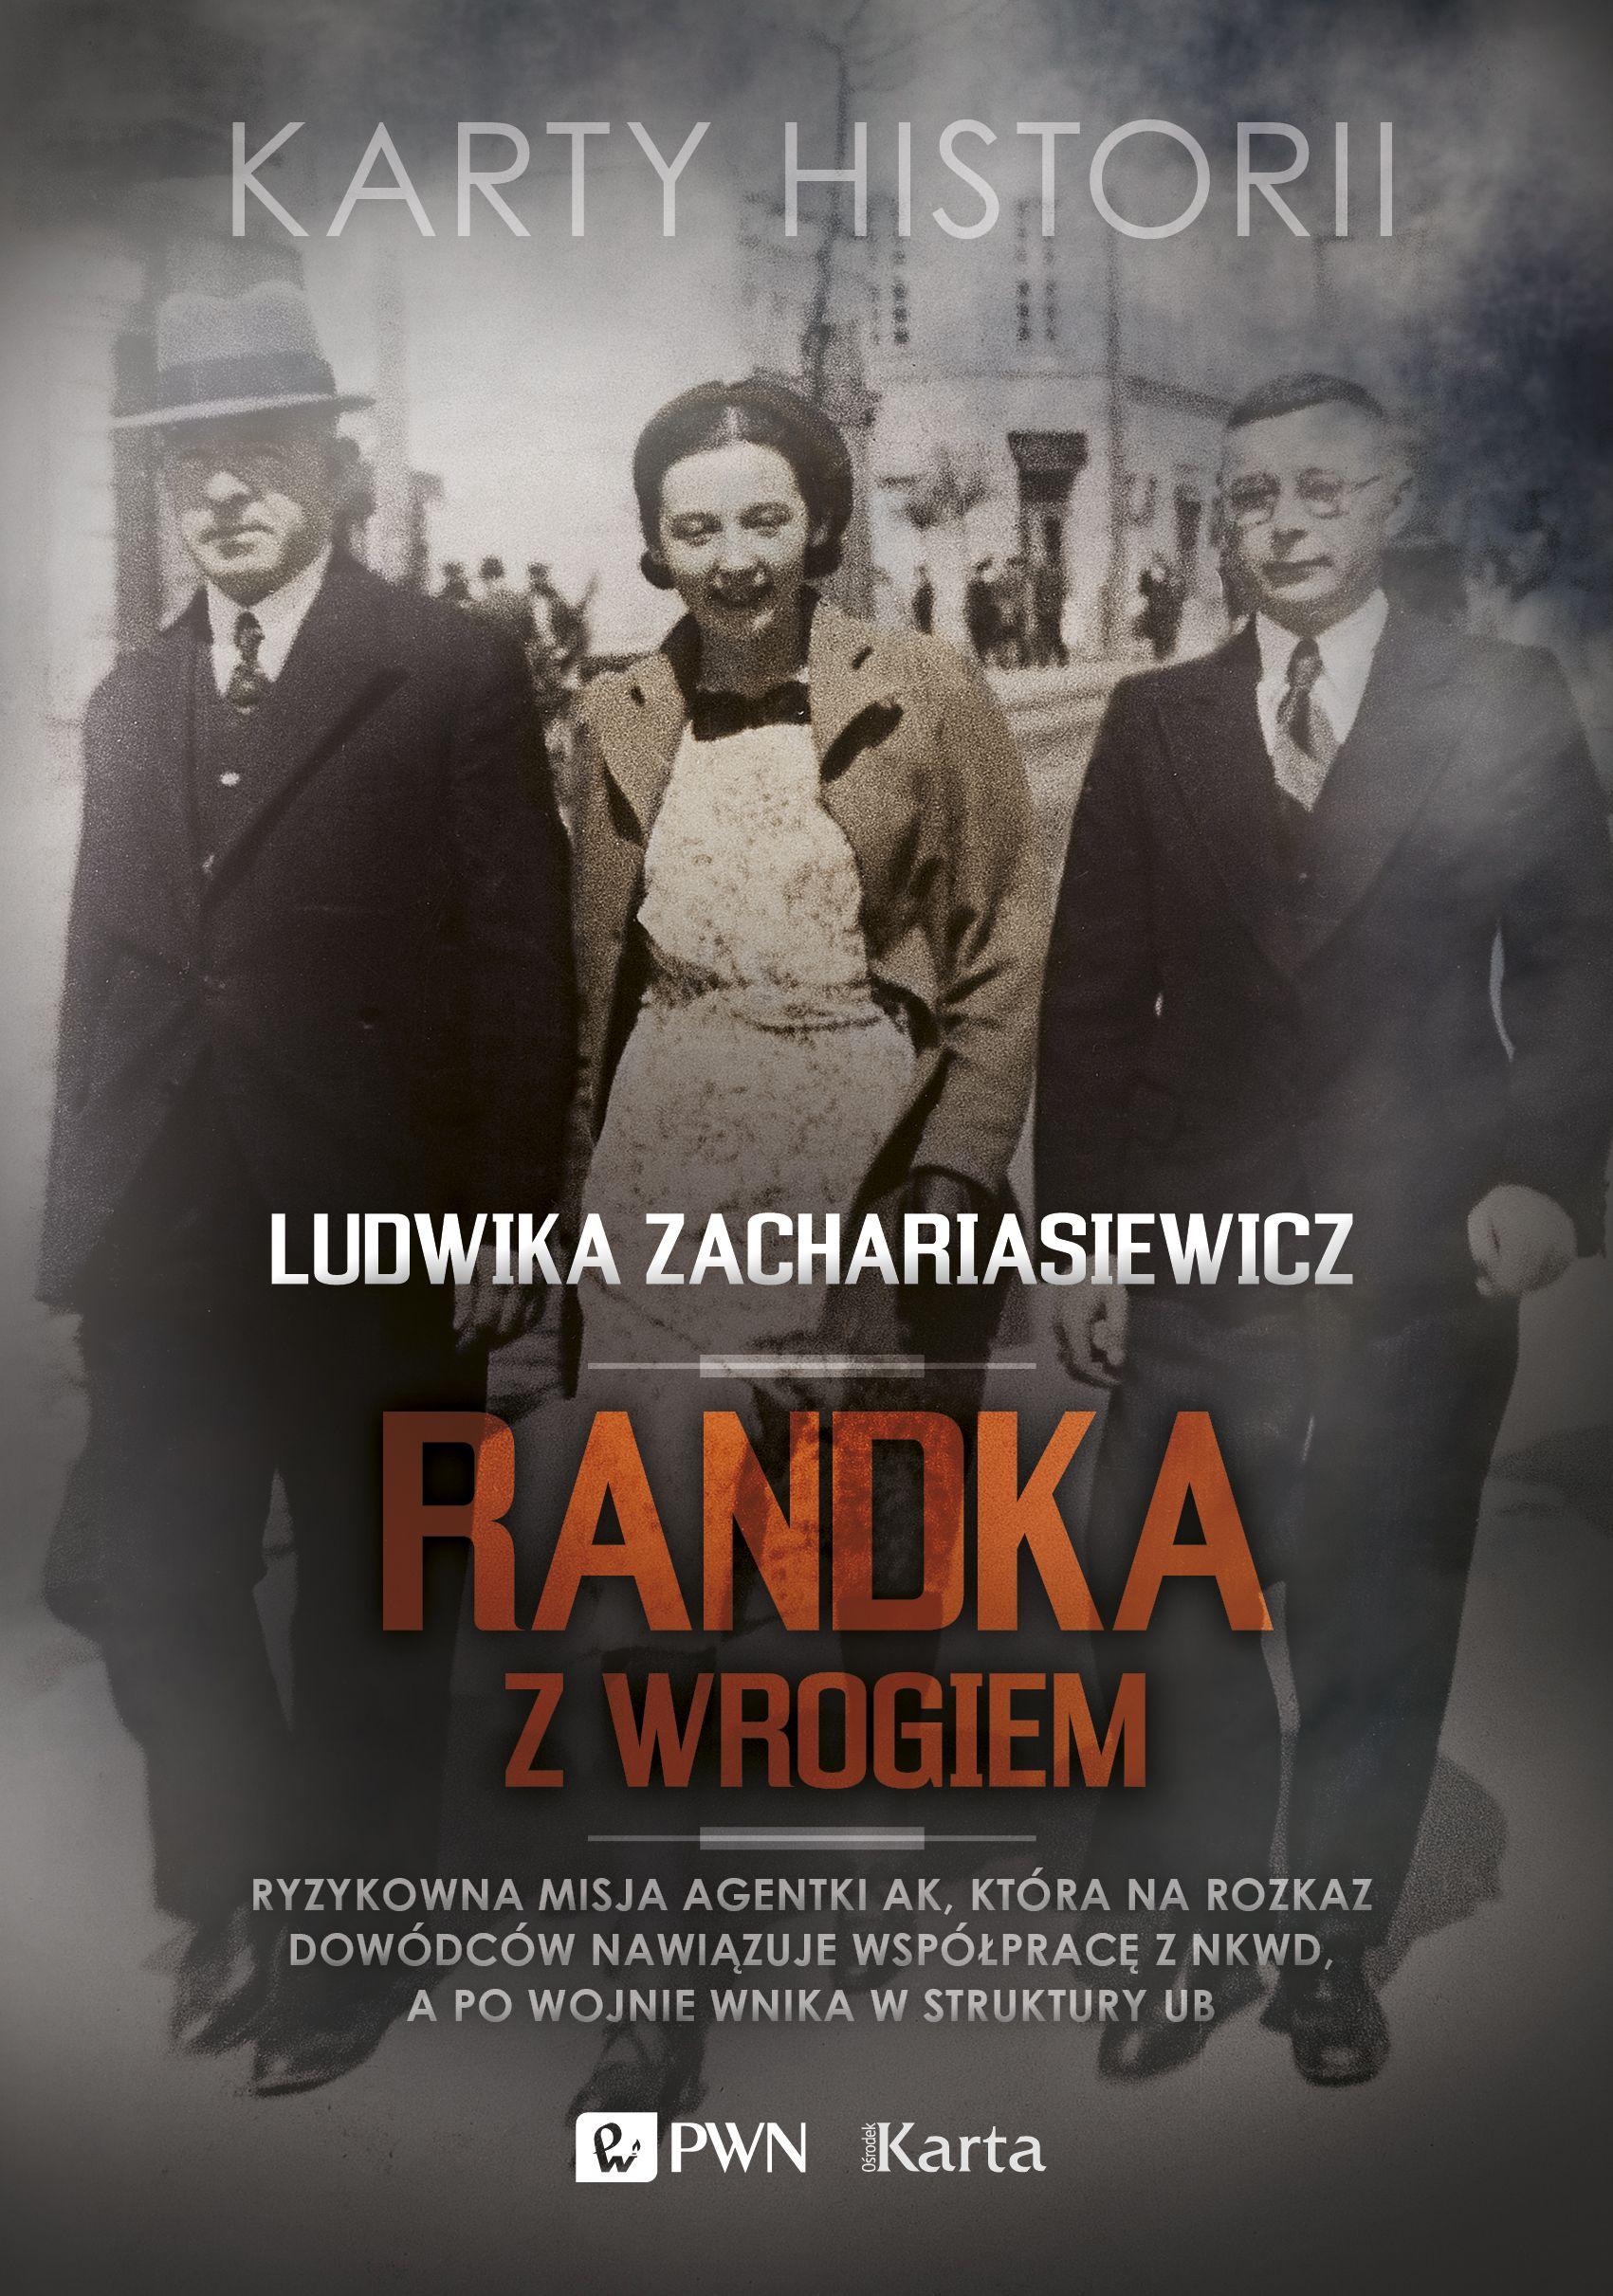 """Artykuł powstał między innymi na podstawie książki Ludwiki Zachariasiewicz zatytułowanej """"Randka z wrogiem"""" (Wydawnictwo Naukowe PWN, Ośrodek Karta 2017)."""